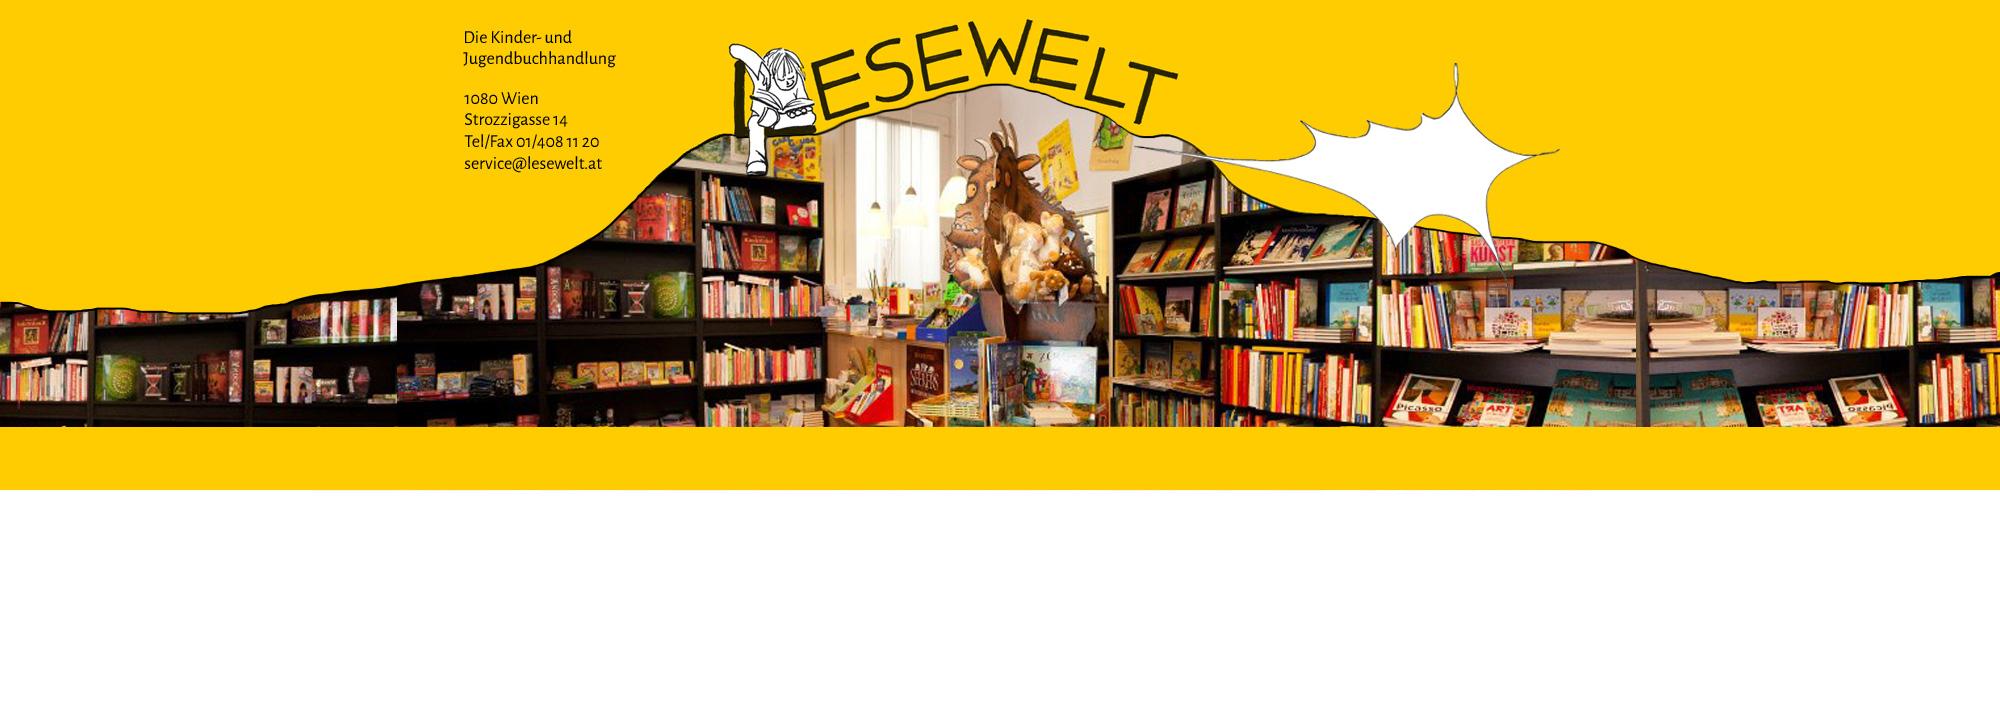 Vorlesestunden Und Veranstaltungen Lesewelt Kinder Und